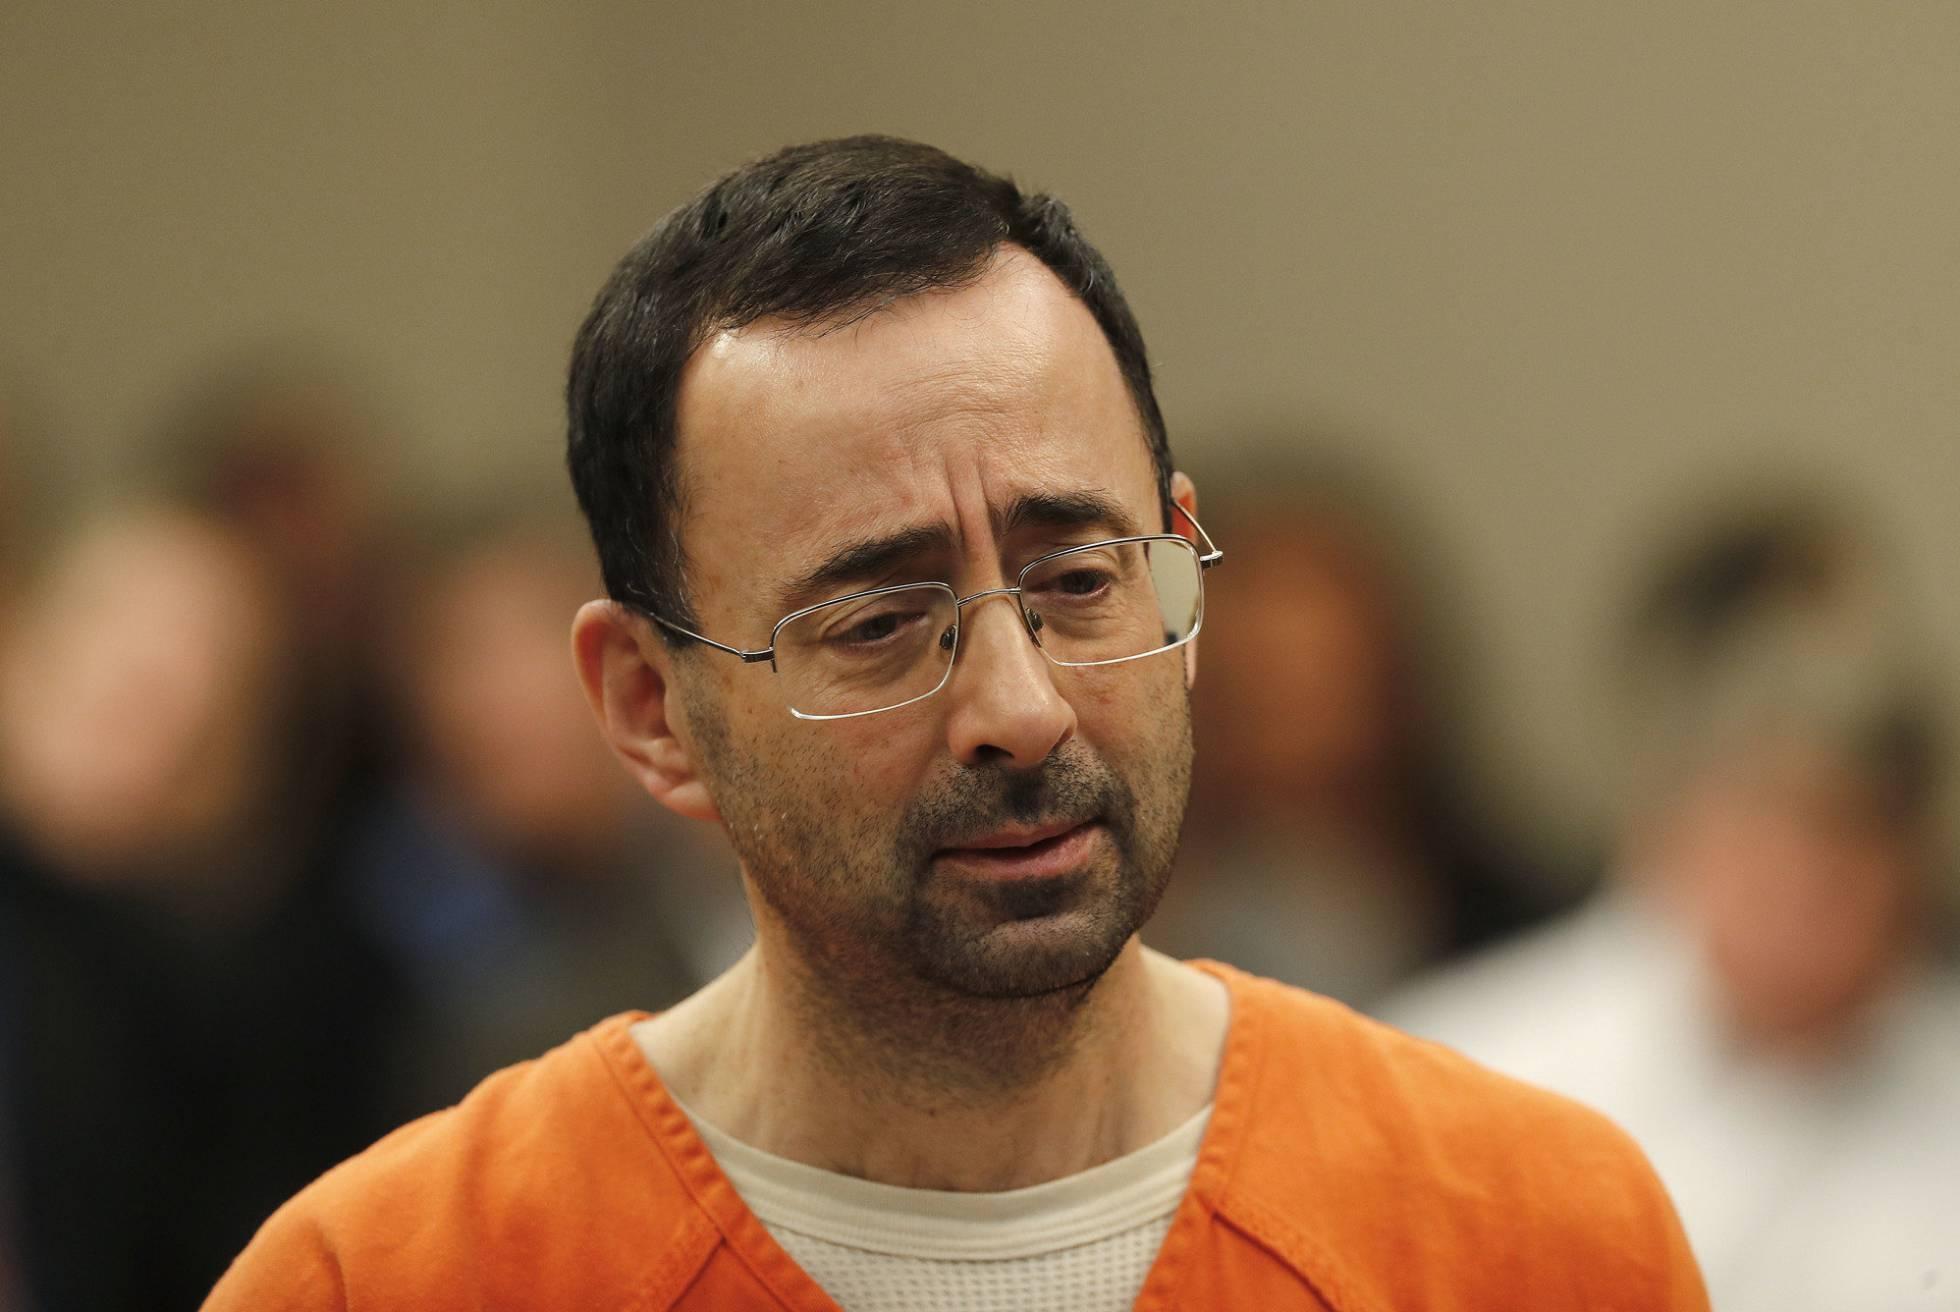 Larry Nassar se declara culpable de abusar sexualmente de siete niñas gimnastas